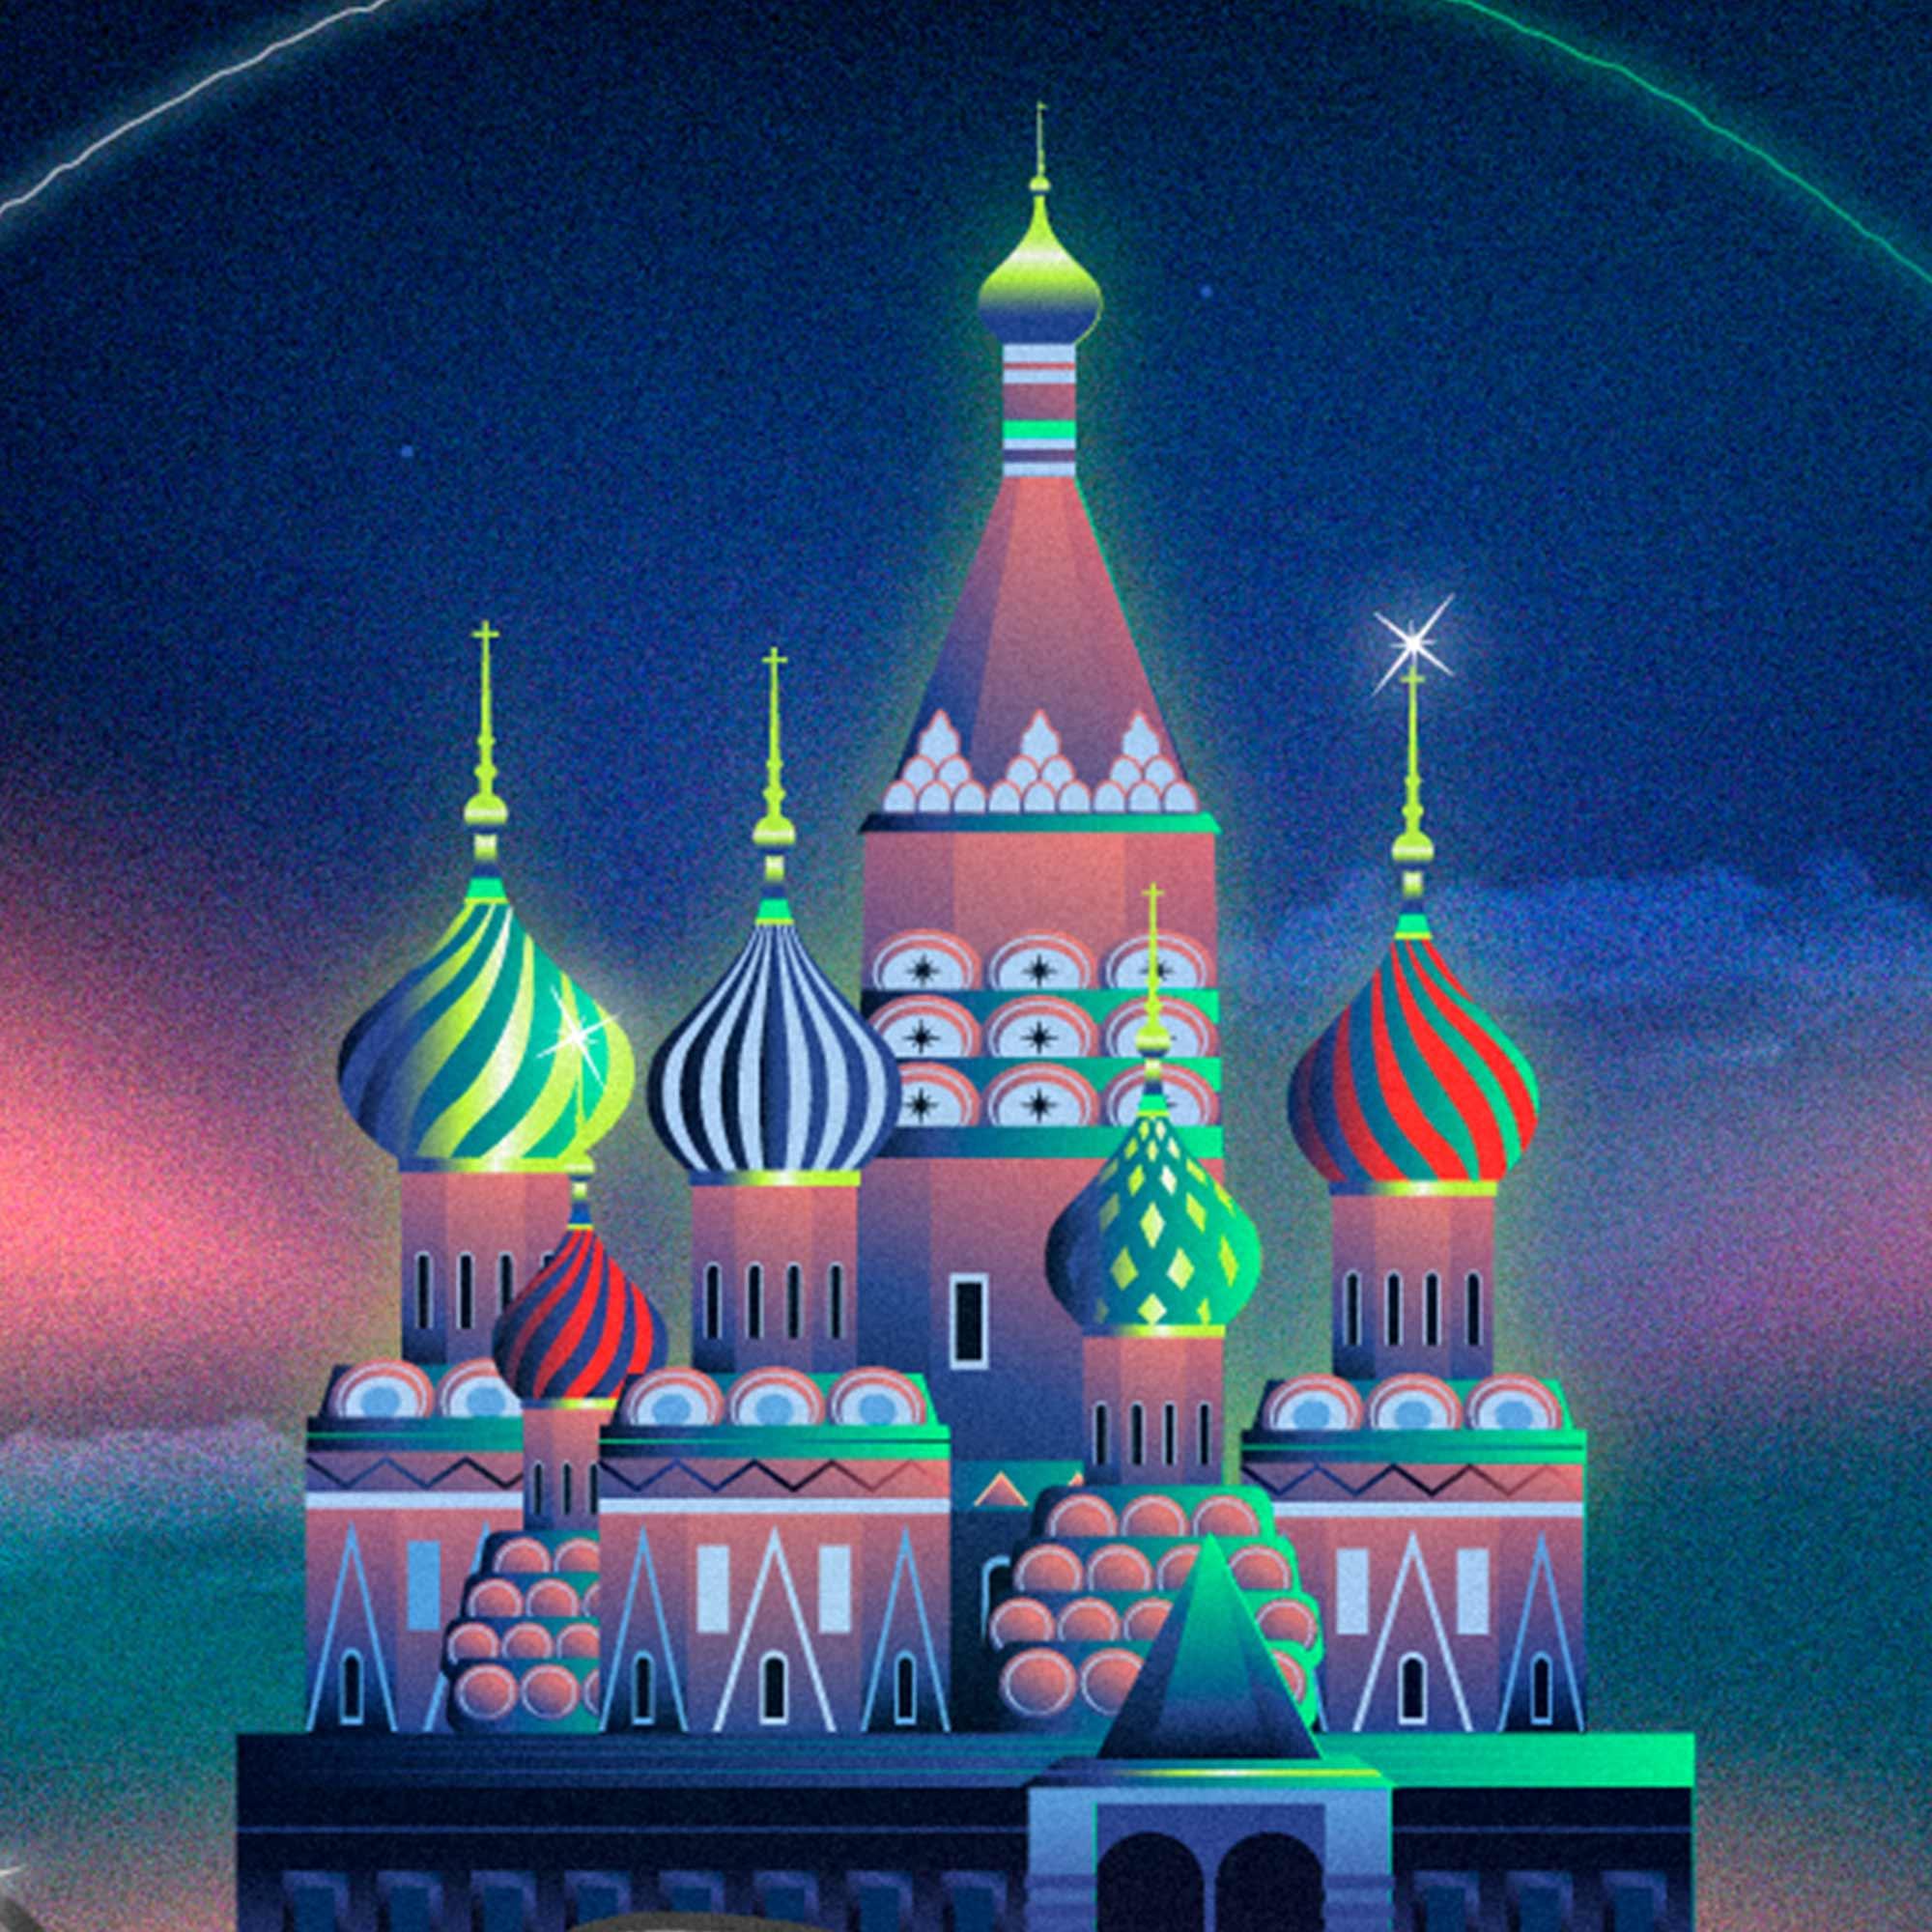 Conociendo-Rusia-con-dibujos-animados_02